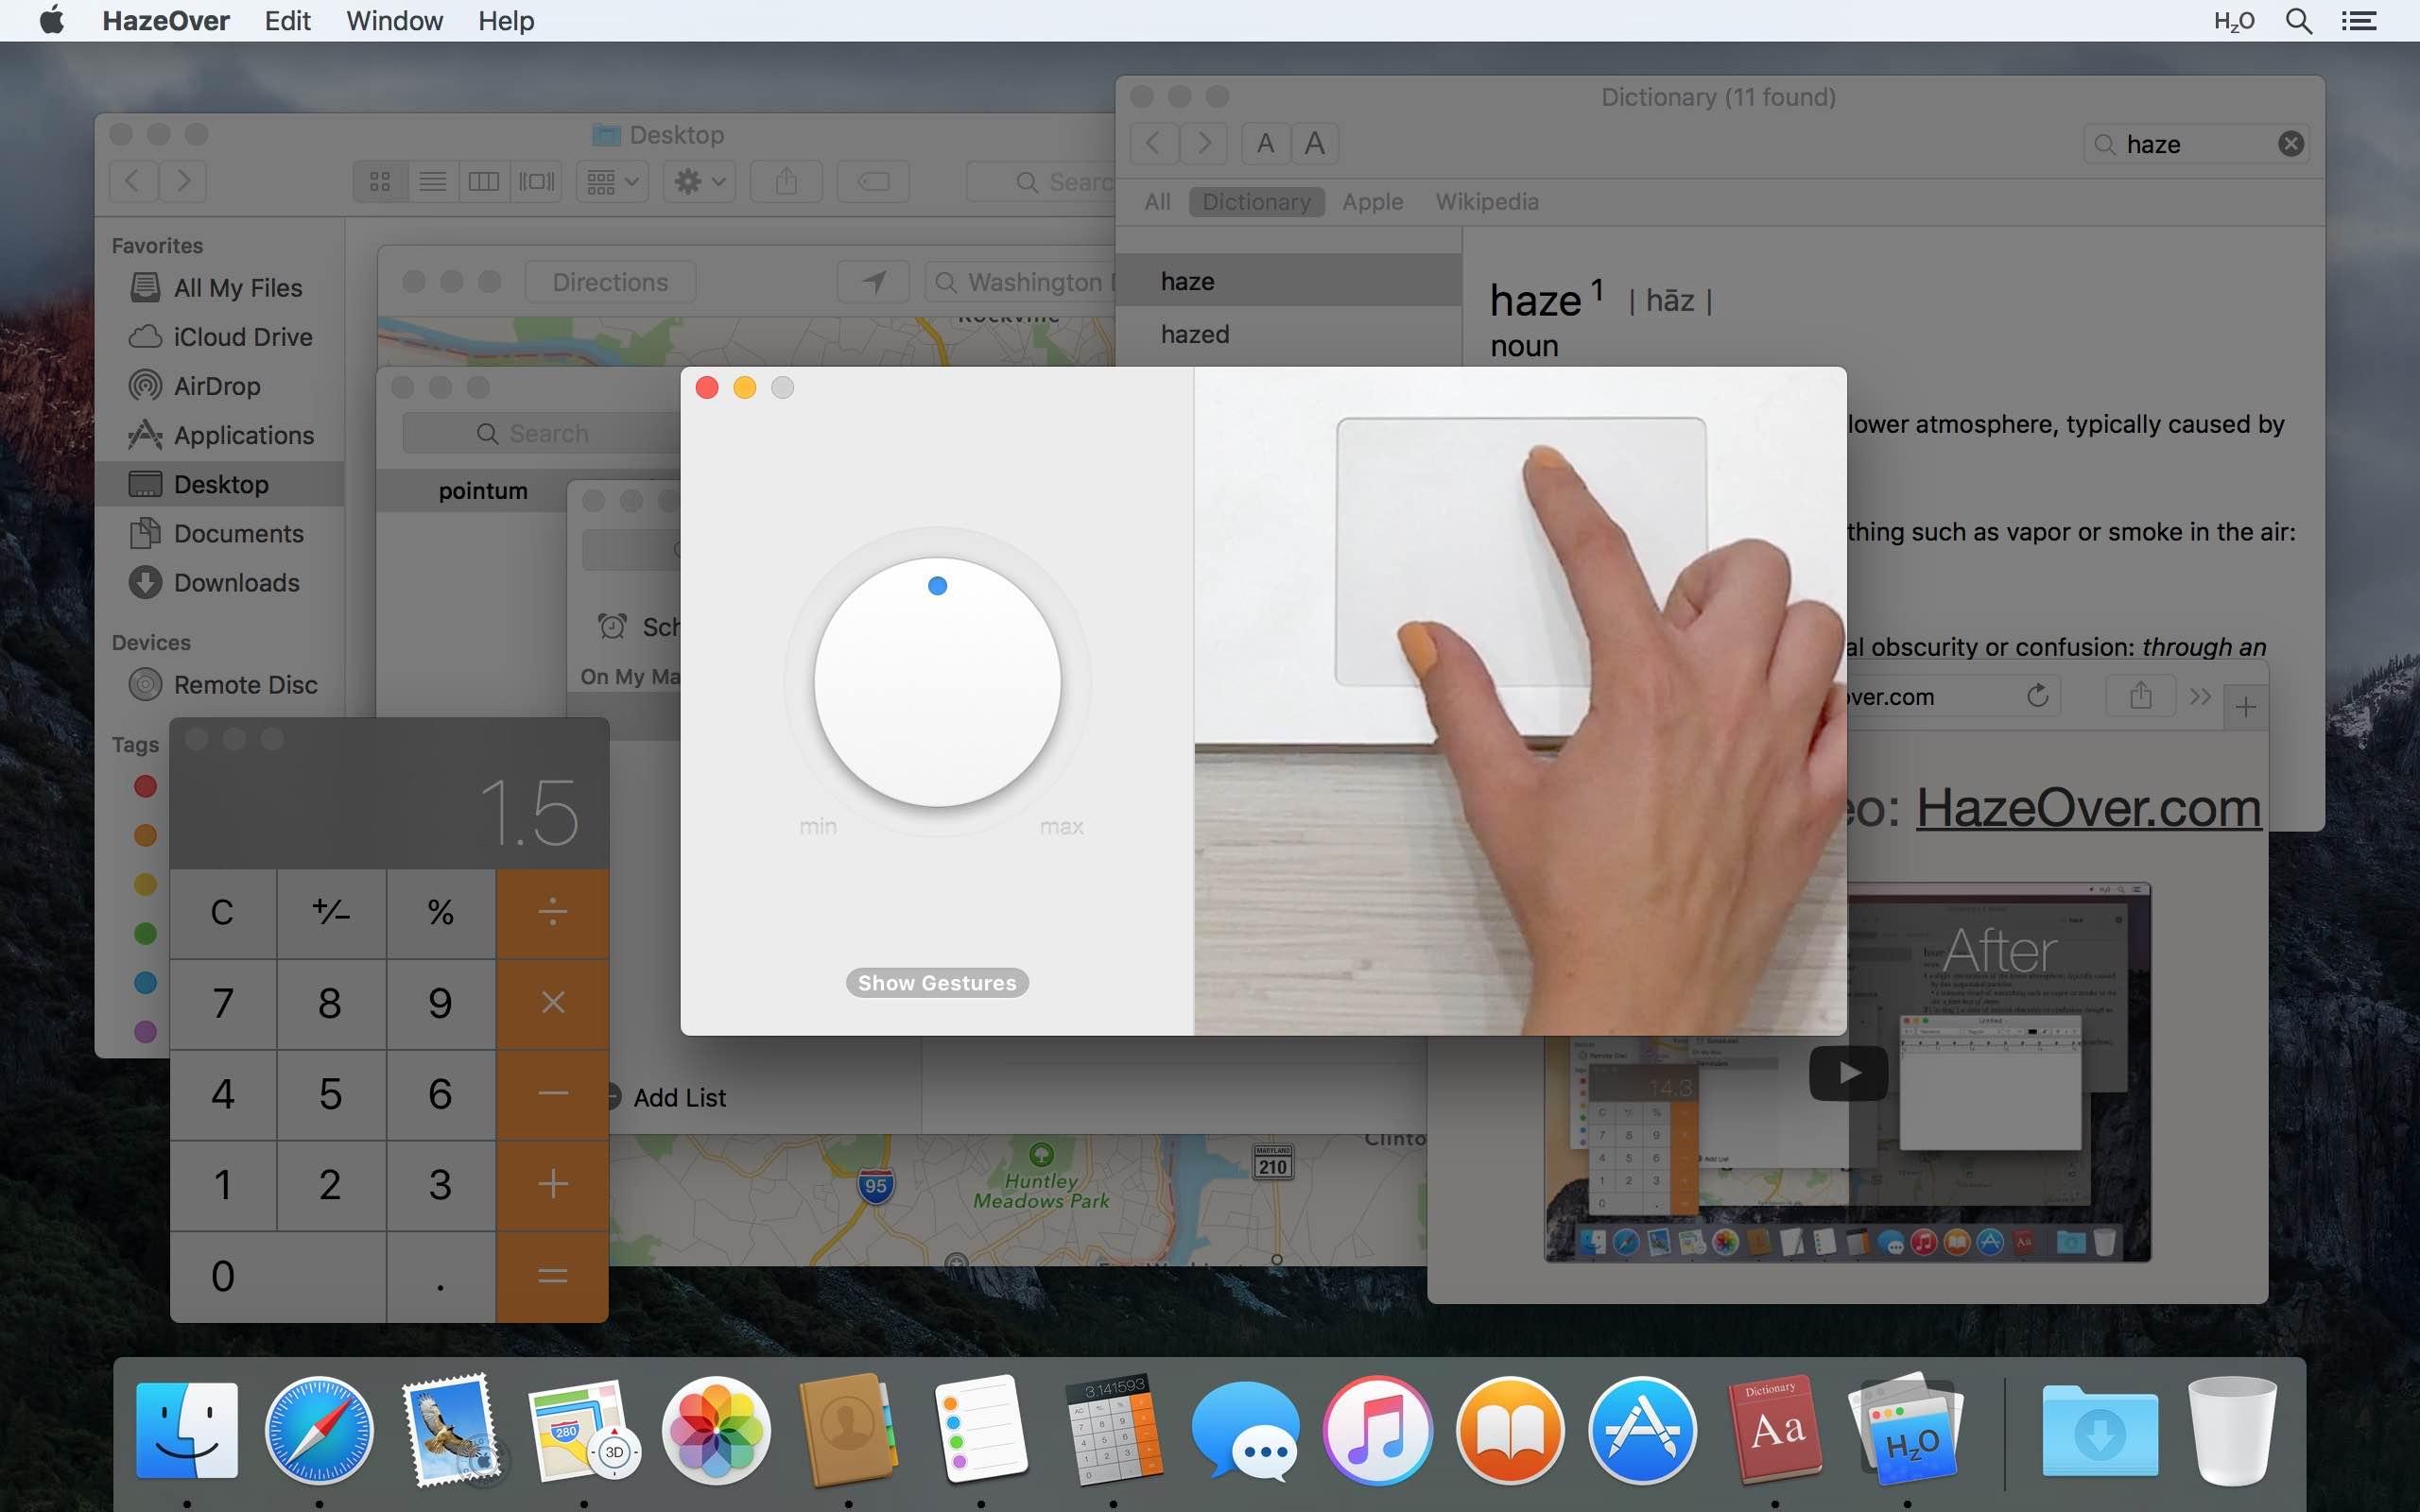 Modo oscuro de Mac: girando el atenuador en la aplicación HazeOver